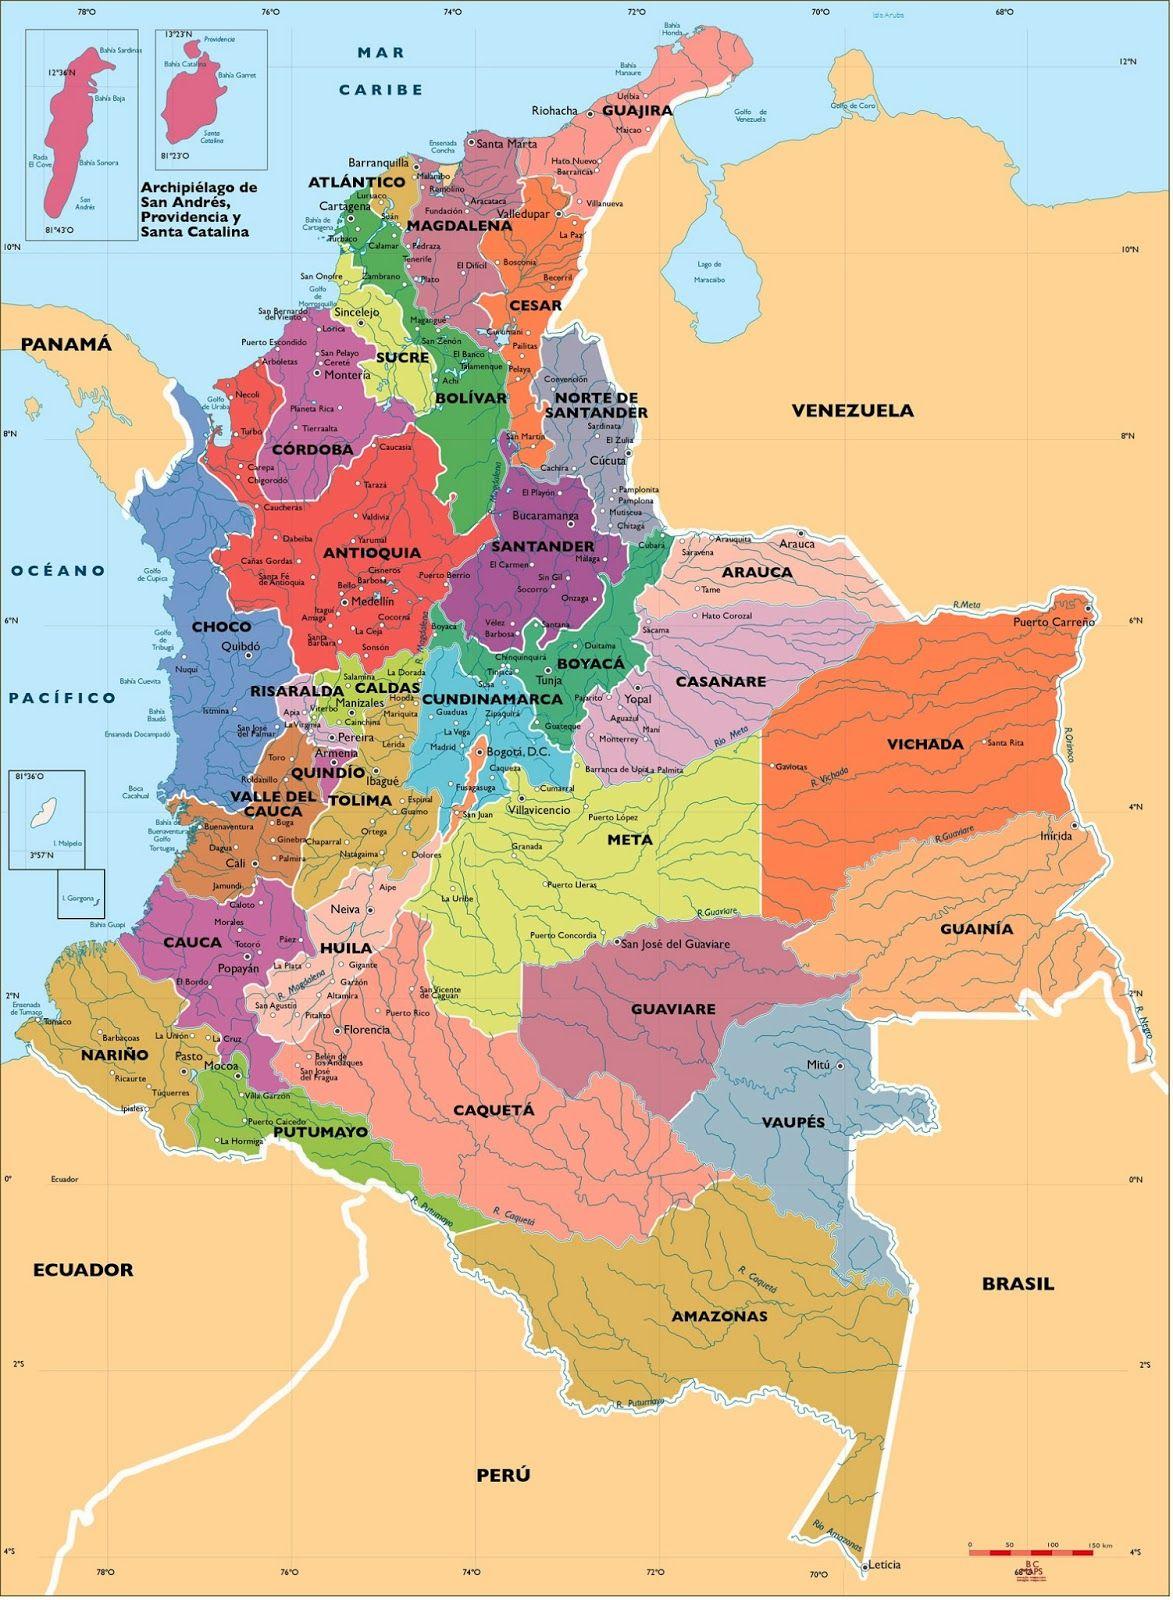 El Mapa De Colombia Con Sus Limites Padi Open Water Es El Curso De